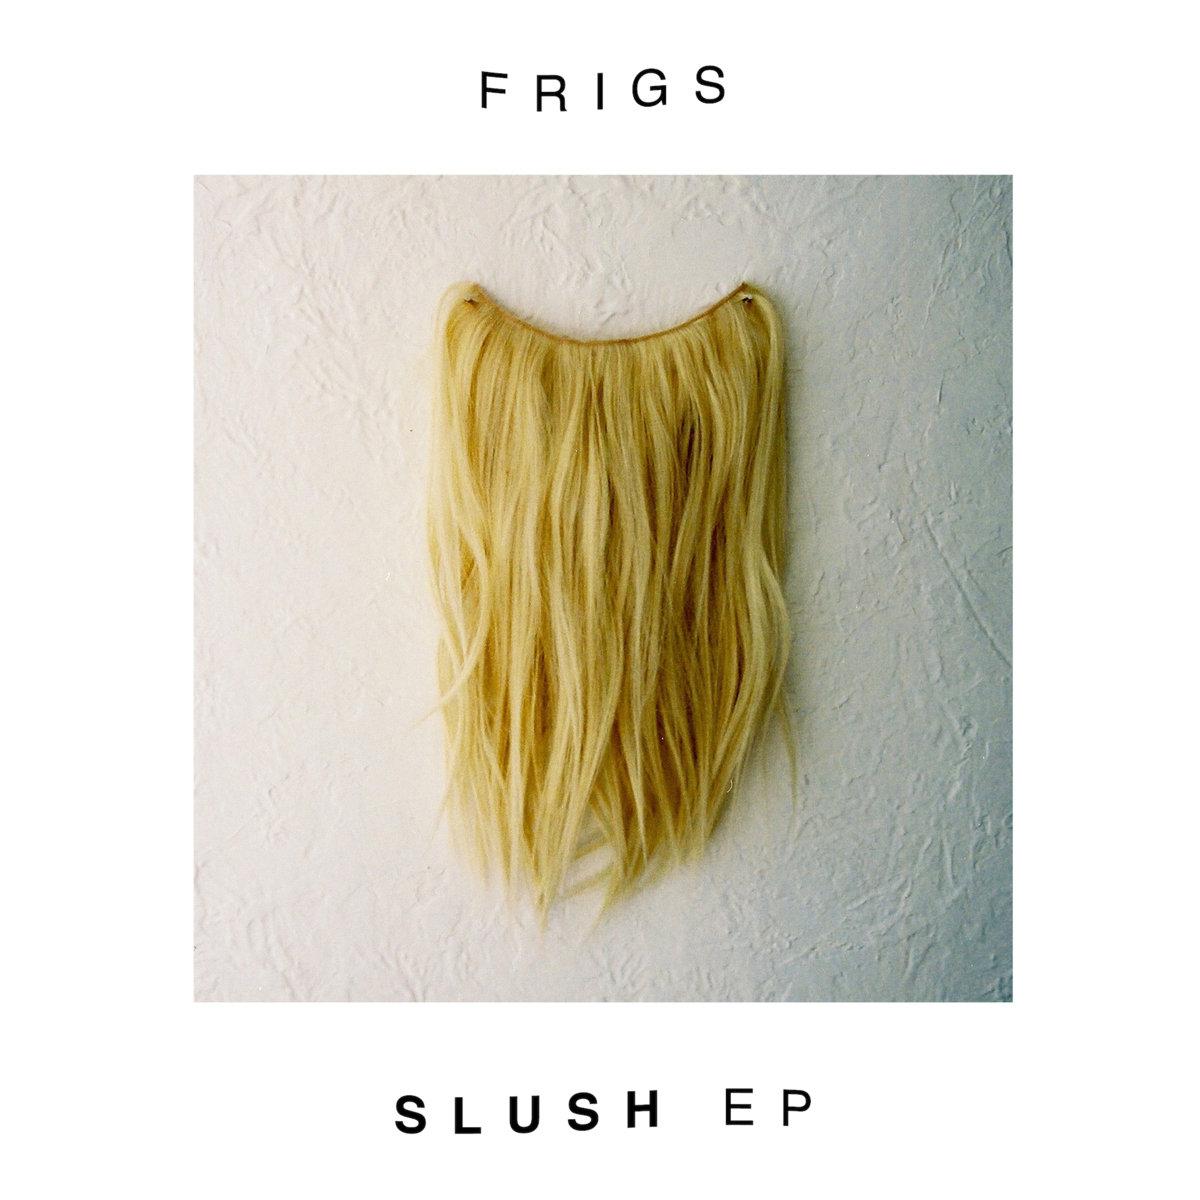 Frigs - Slush EP